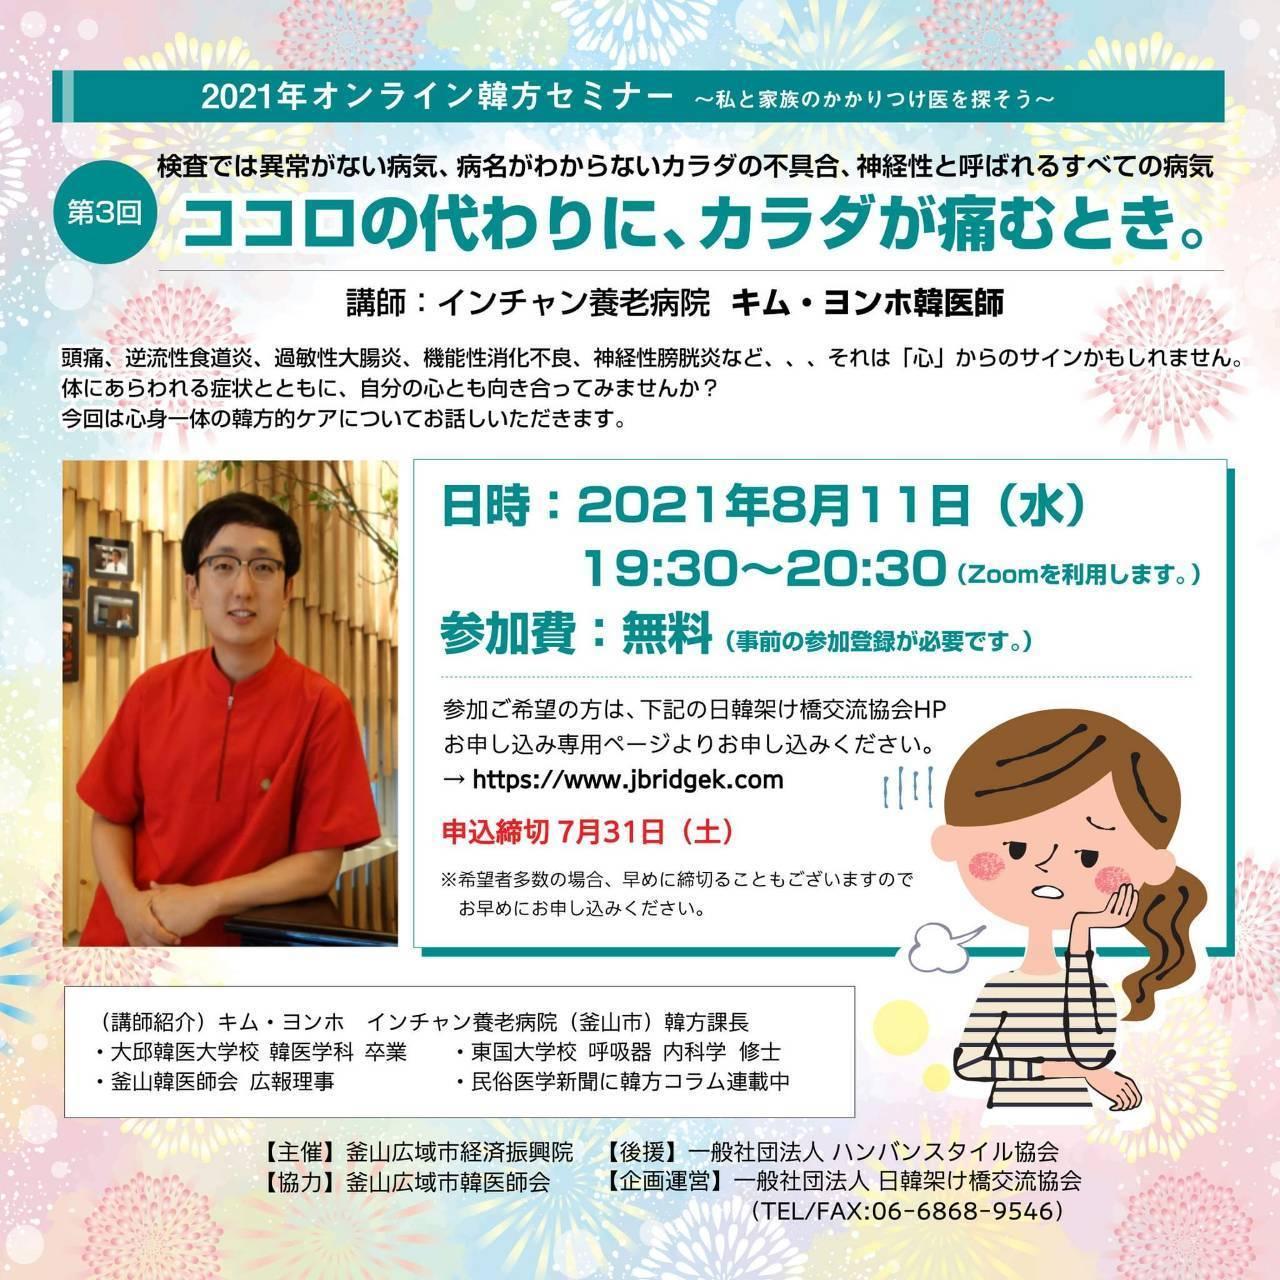 2021年度 第3回 釜山オンライン韓方セミナー